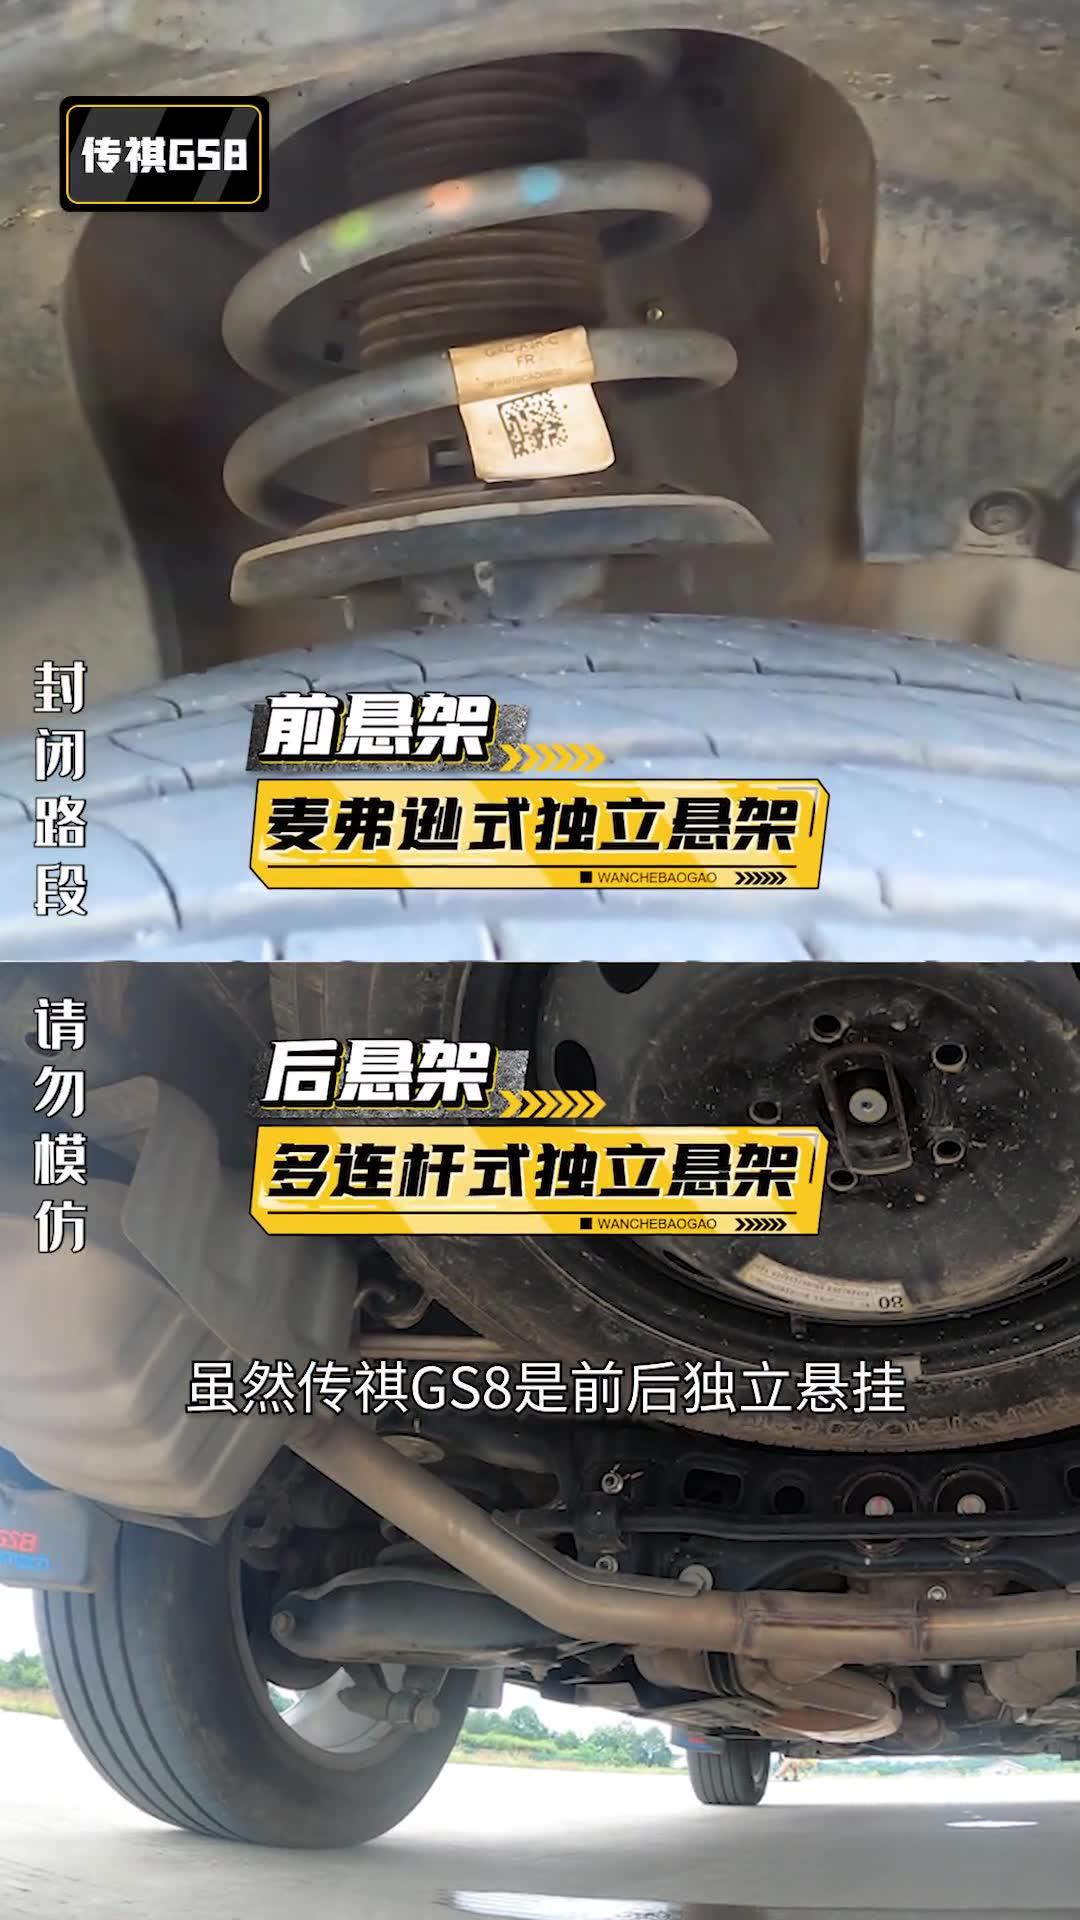 将挑战进行到底,极限颠簸测试,传祺GS8对比坦克300,你更看好谁?星巢计划 星巢玩车人 汽车